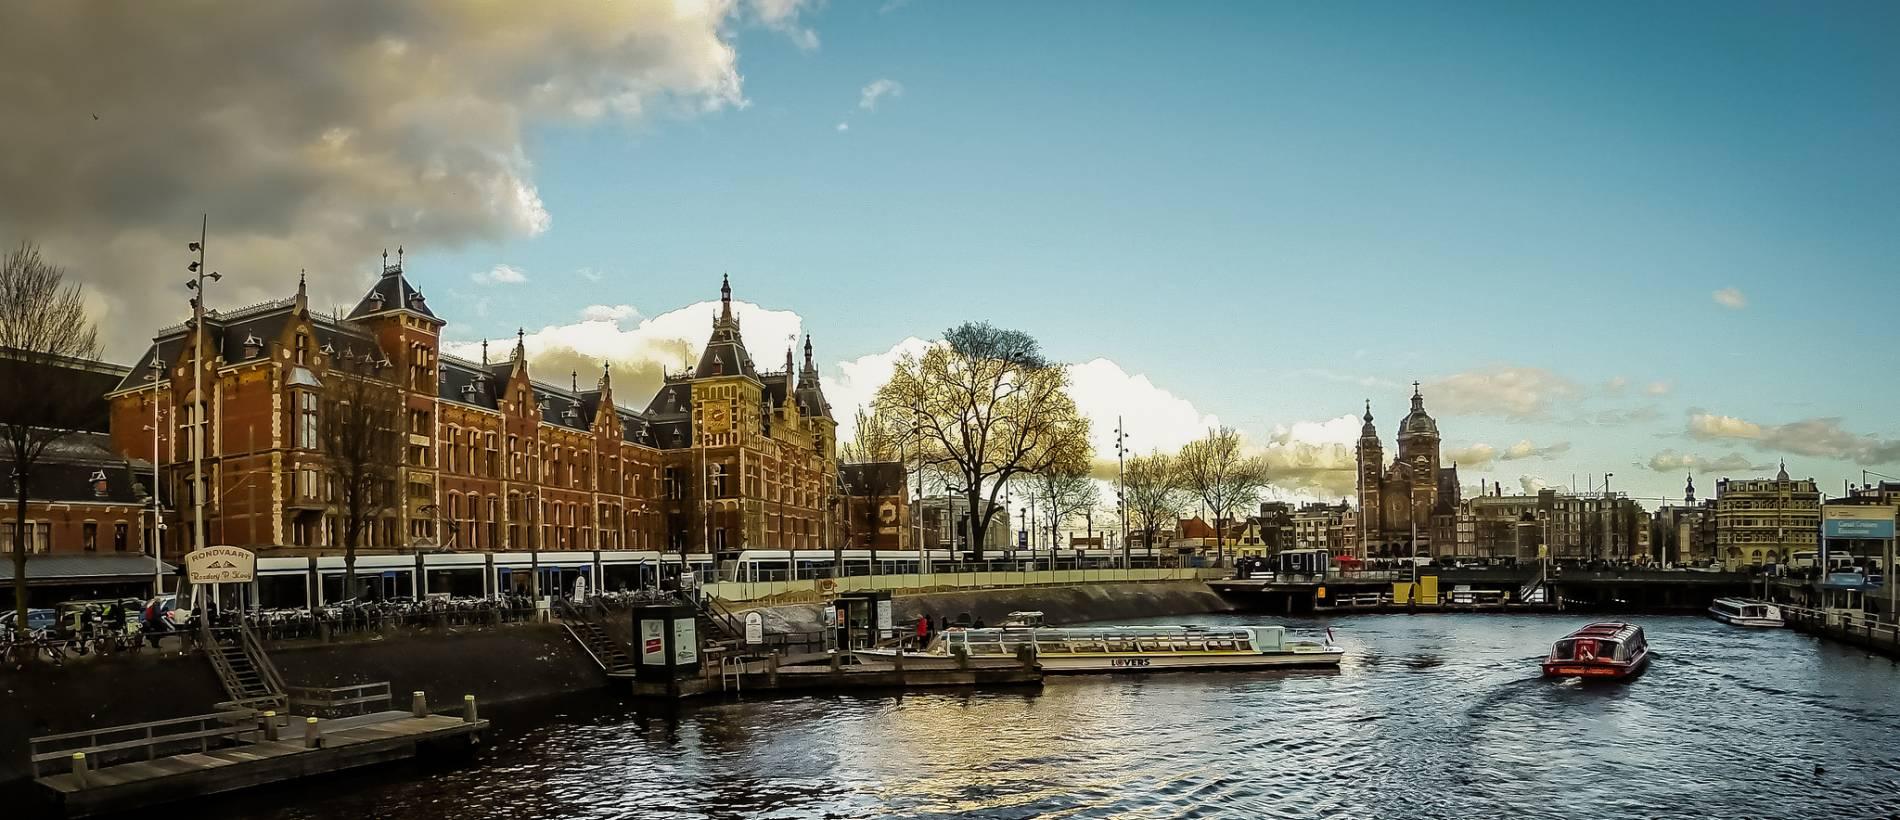 คู่มือ ท่องเที่ยว อัมสเตอร์ดัม